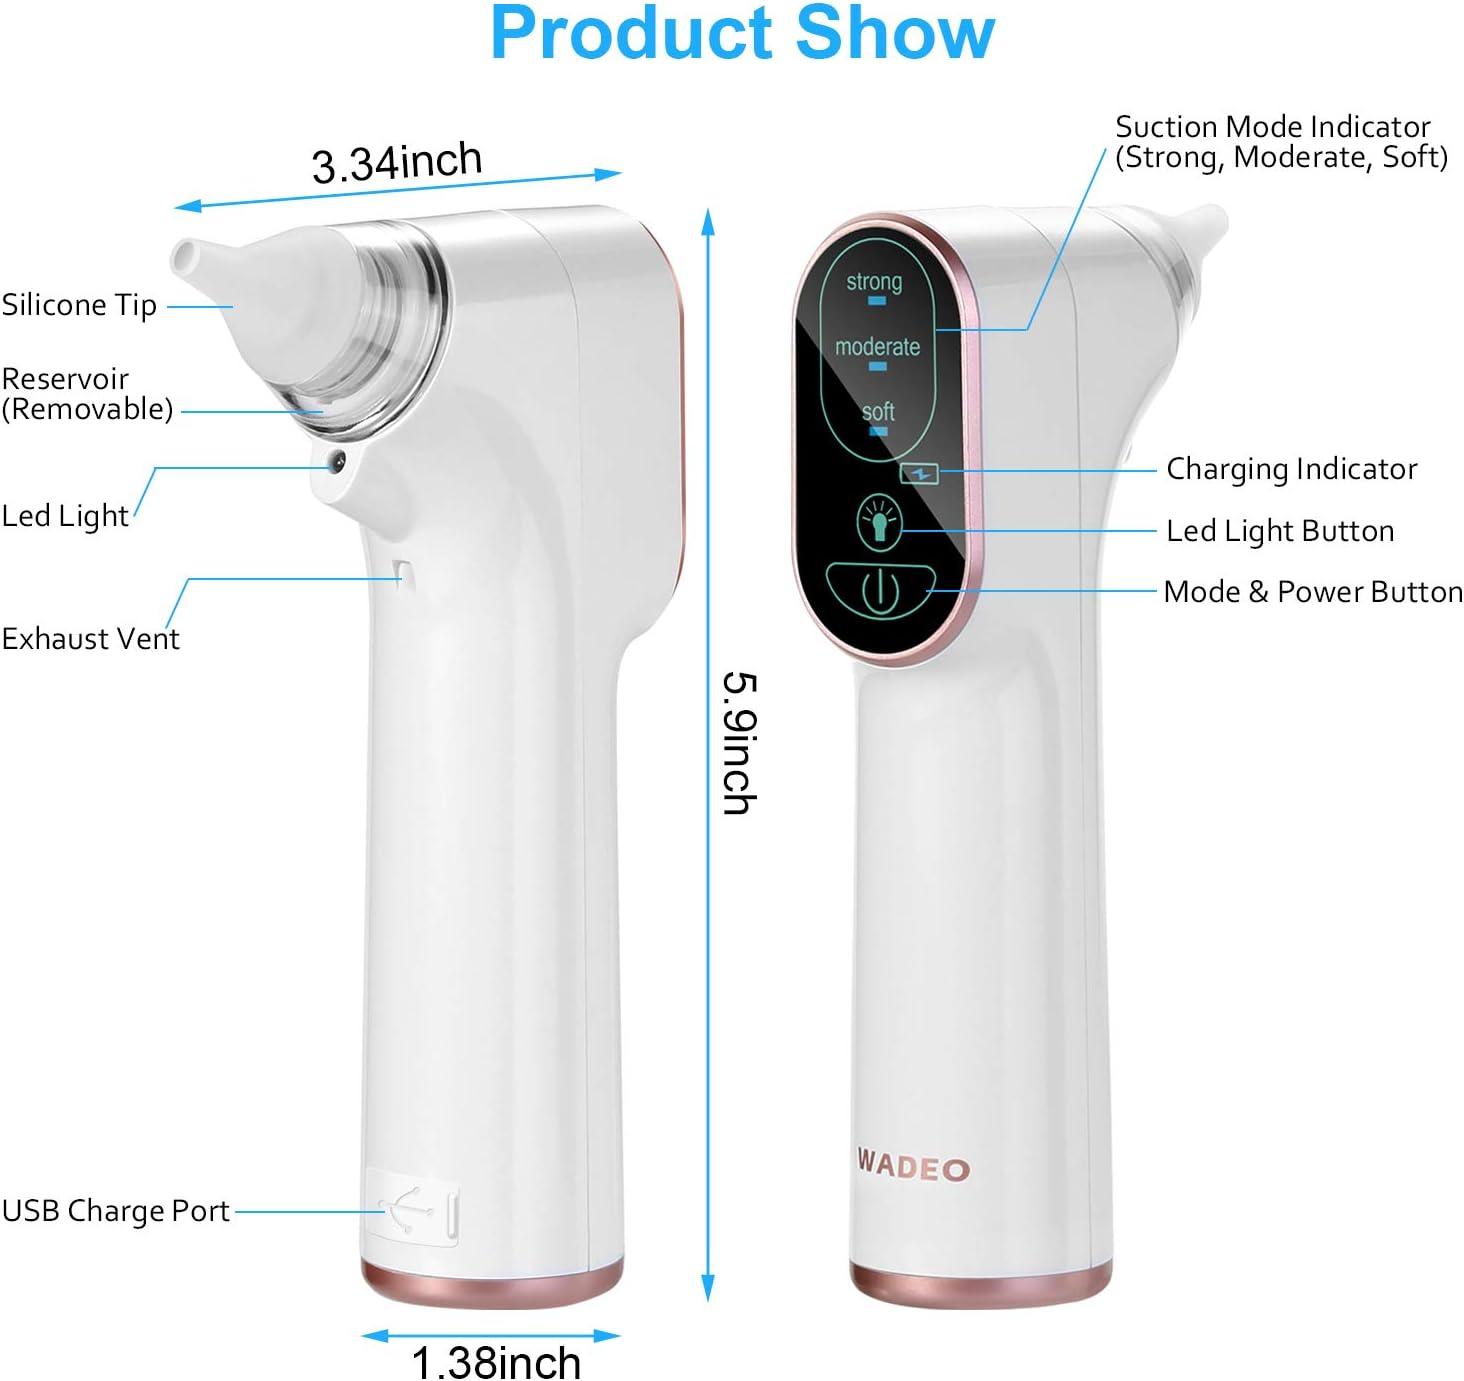 4 tailles de conseils m/édicaux en silicone nourrisson et tout-petit Lumi/ère LED Aspirateur de nez pour b/éb/é Chargement USB Pour nouveau-n/é 3 niveaux daspiration r/églables